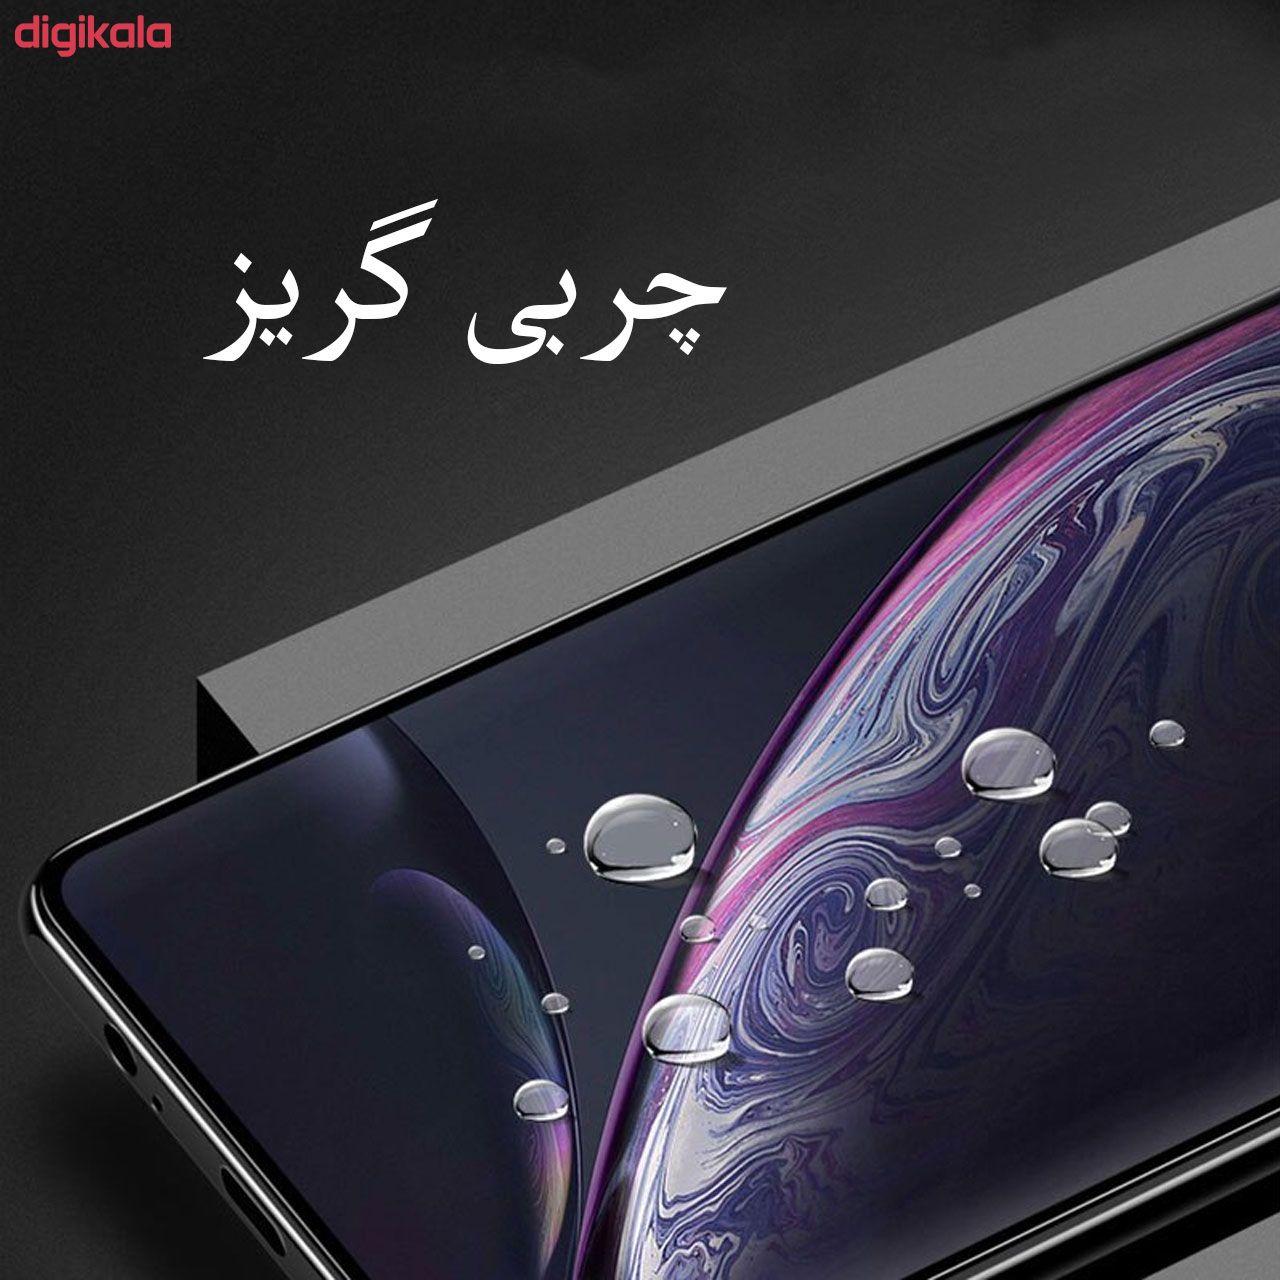 محافظ صفحه نمایش مدل FCG مناسب برای گوشی موبایل شیائومی Mi 10 Lite 5G بسته دو عددی main 1 10